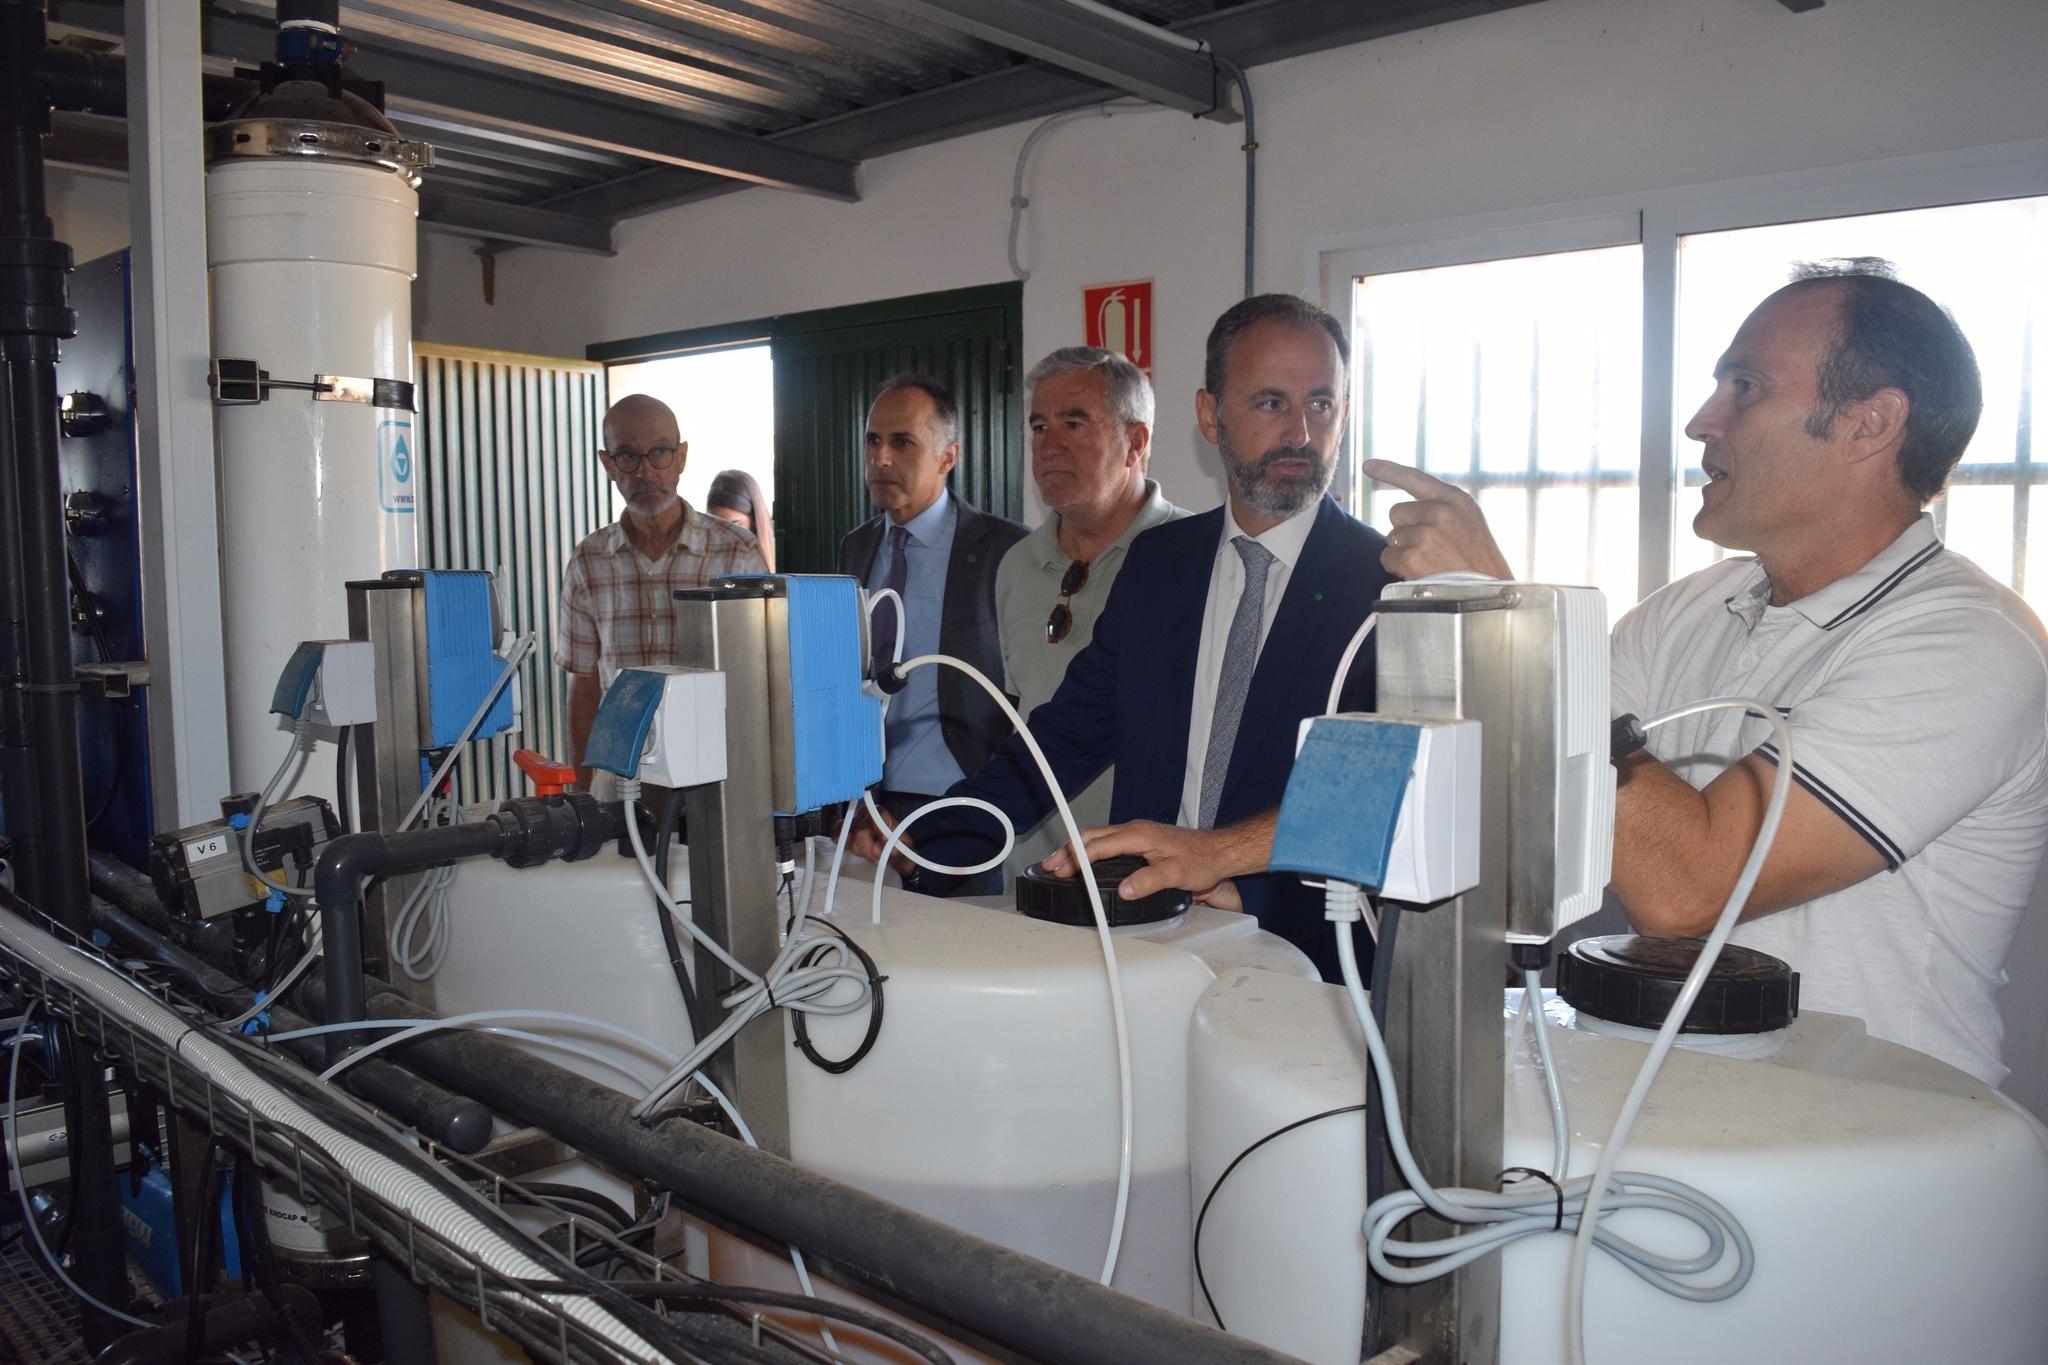 Visita del consejero de Empleo, Universidades, Empresa y Medio Ambiente, Javier Celdrán, a la finca experimental Lo Ferro de la Universidad Politécnica de Cartagena. Imagen CARM